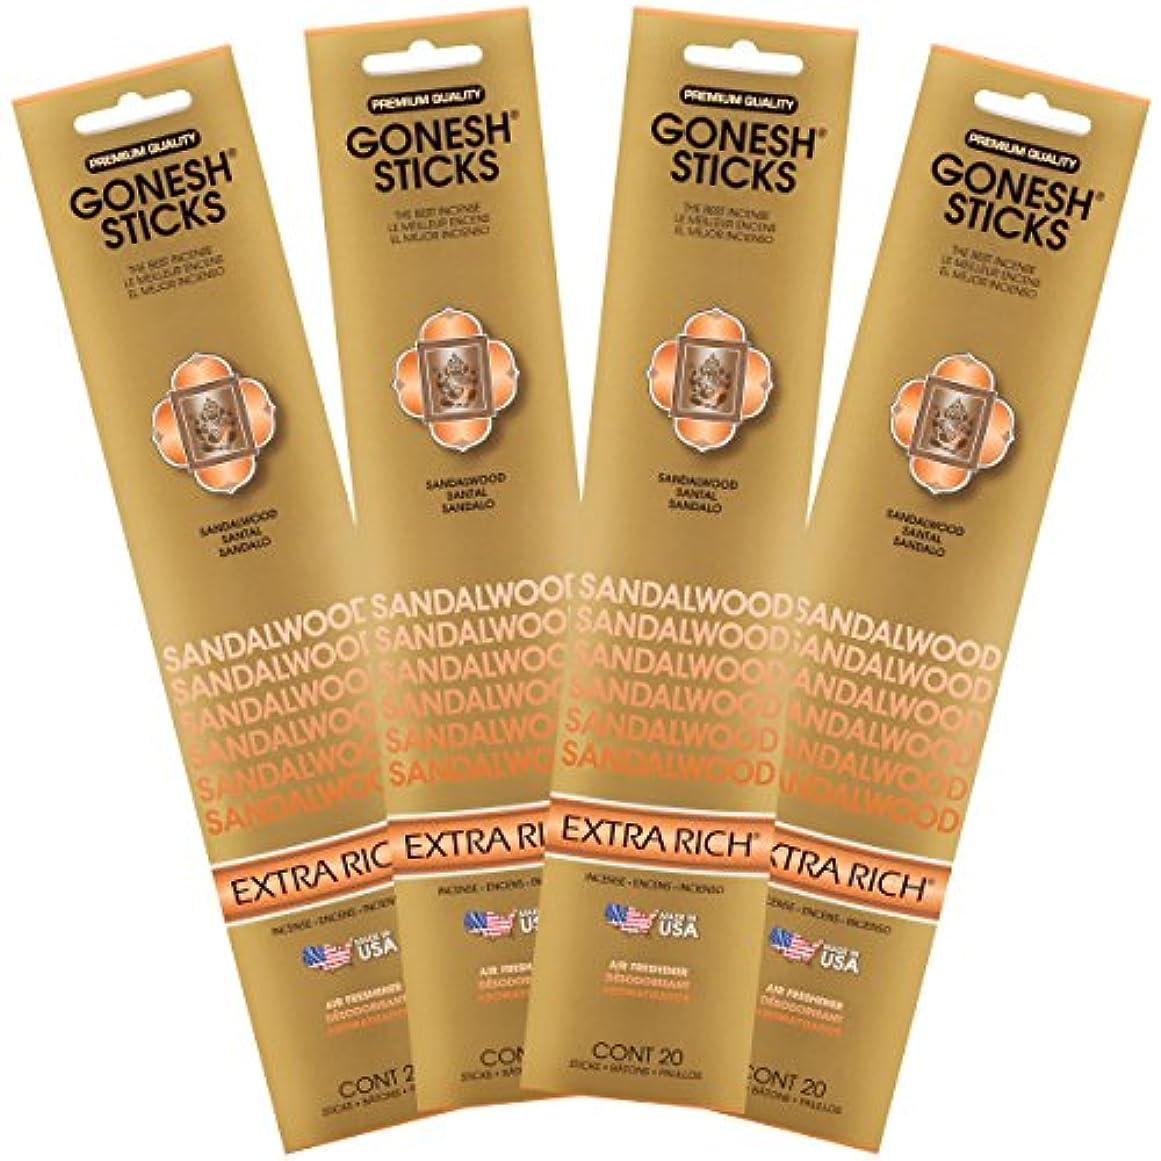 人生を作るラッチエール(Set of Four 20-Stick Packs) - Sandalwood - 4 PACK- Extra Rich Incense by GONESH